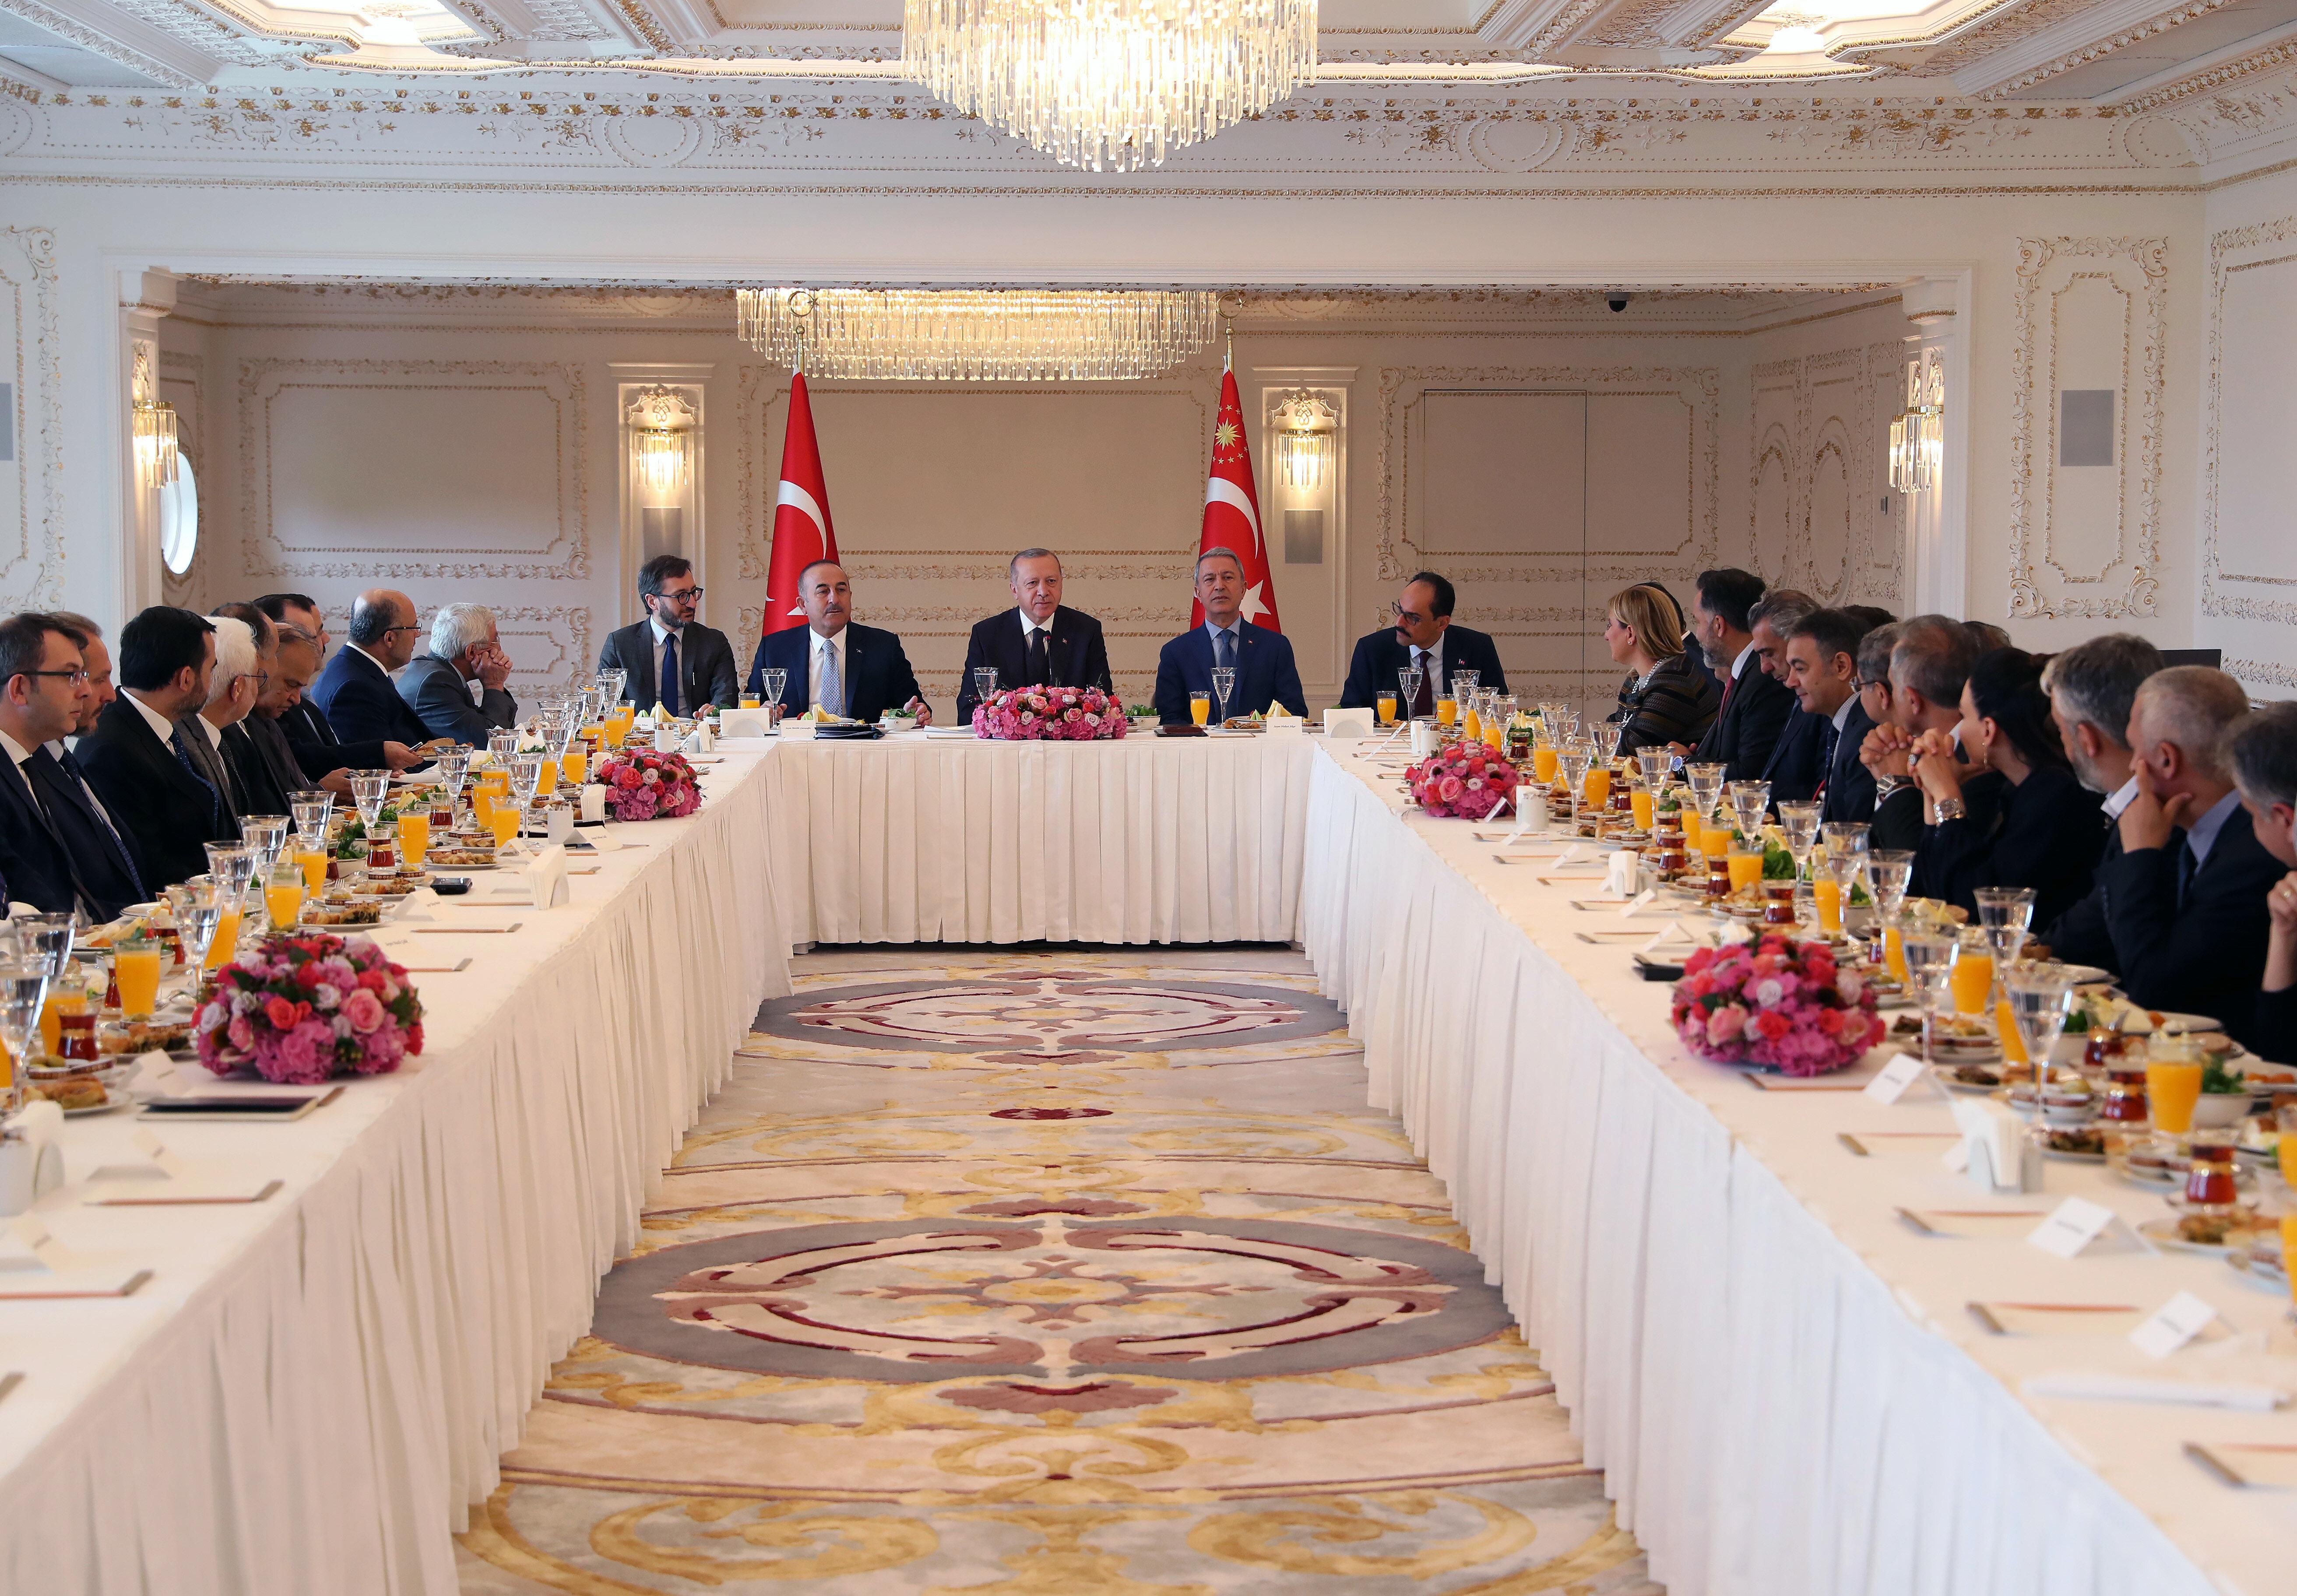 Cumhurbaşkanı Erdoğan, gazete ve televizyon kanallarının genel yayın yönetmenleri, bazı yazar ve akademisyenlerle Vahdettin Köşkü'nde bir araya geldi.